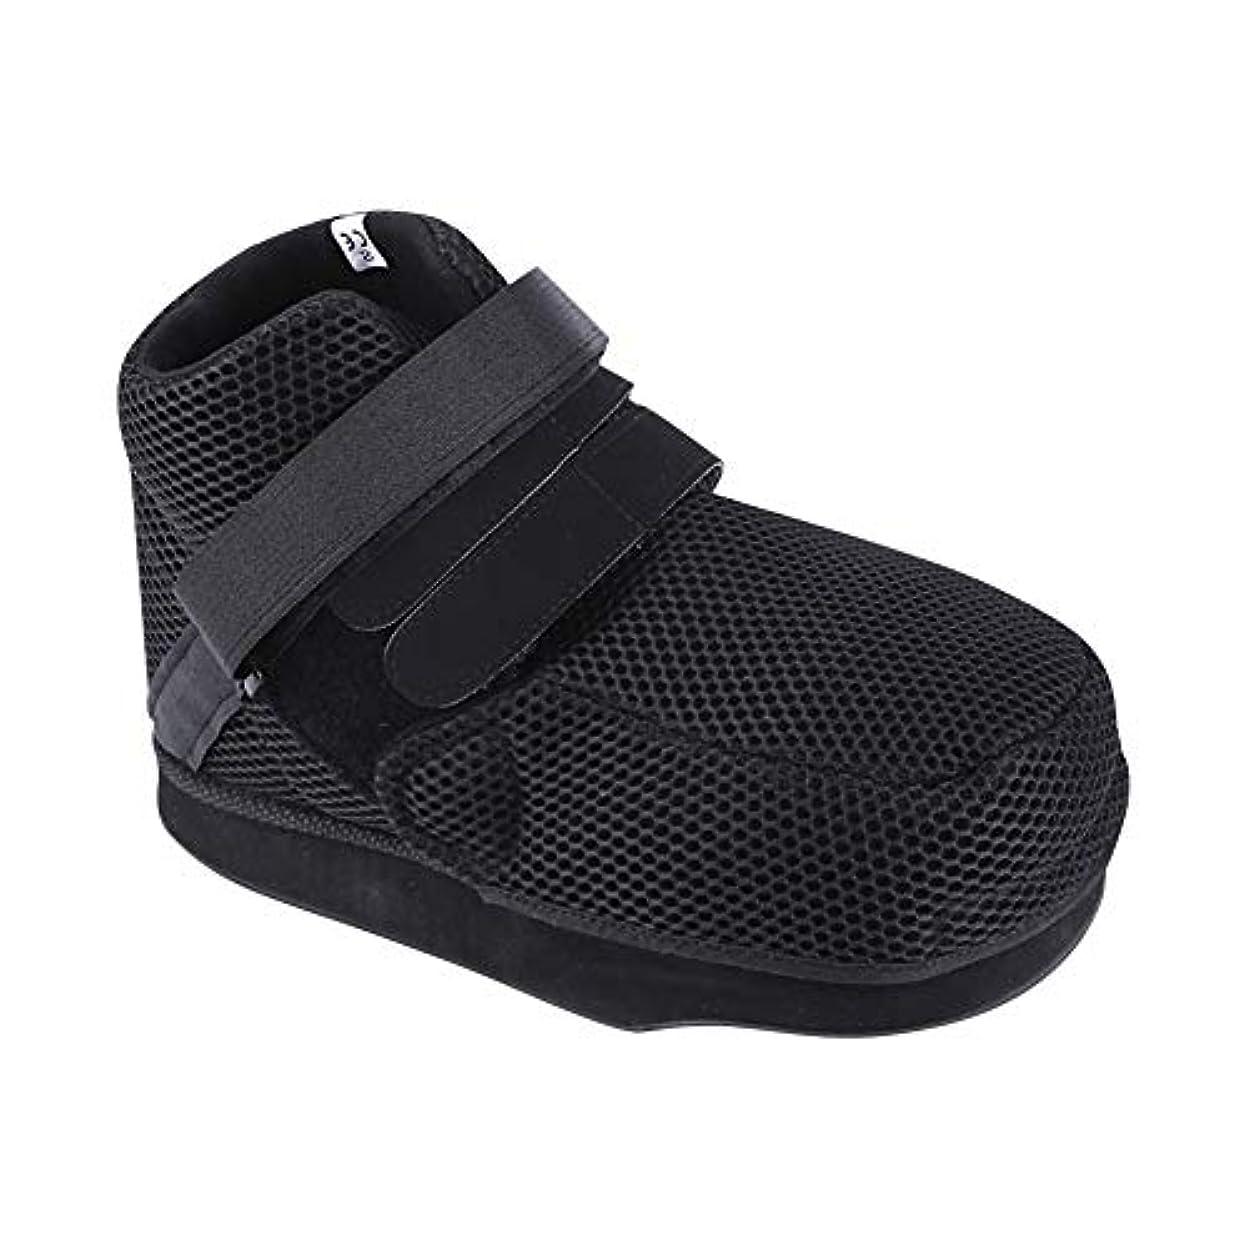 カバー禁止以降uirendjsf 前足減圧靴 - ポストプラスター靴 調節可能なストラップ 足の骨折足骨折患者用